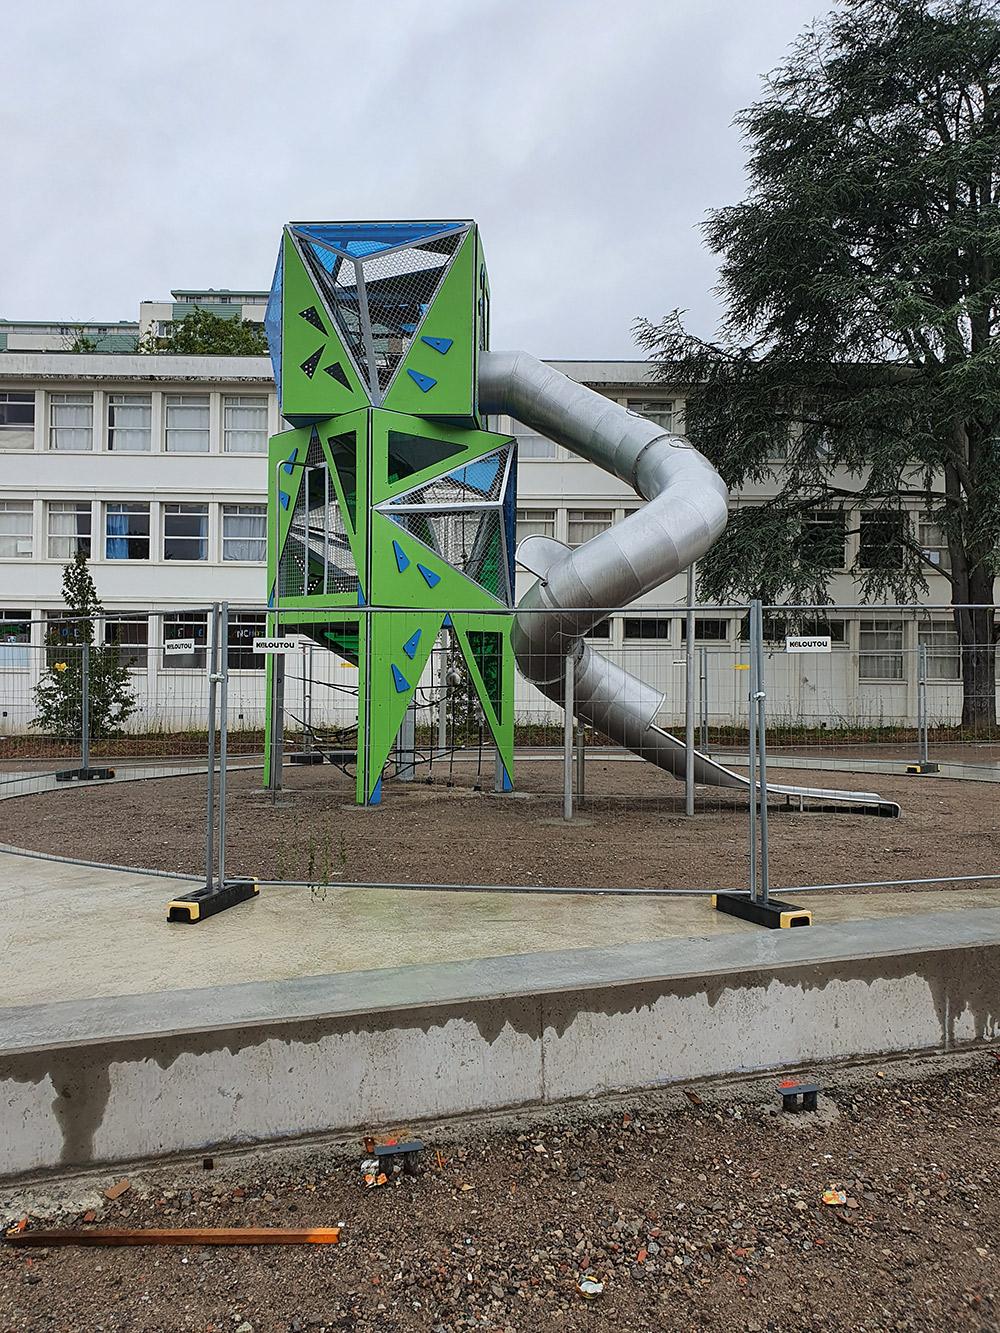 Playground Sports Imgs (22) 283